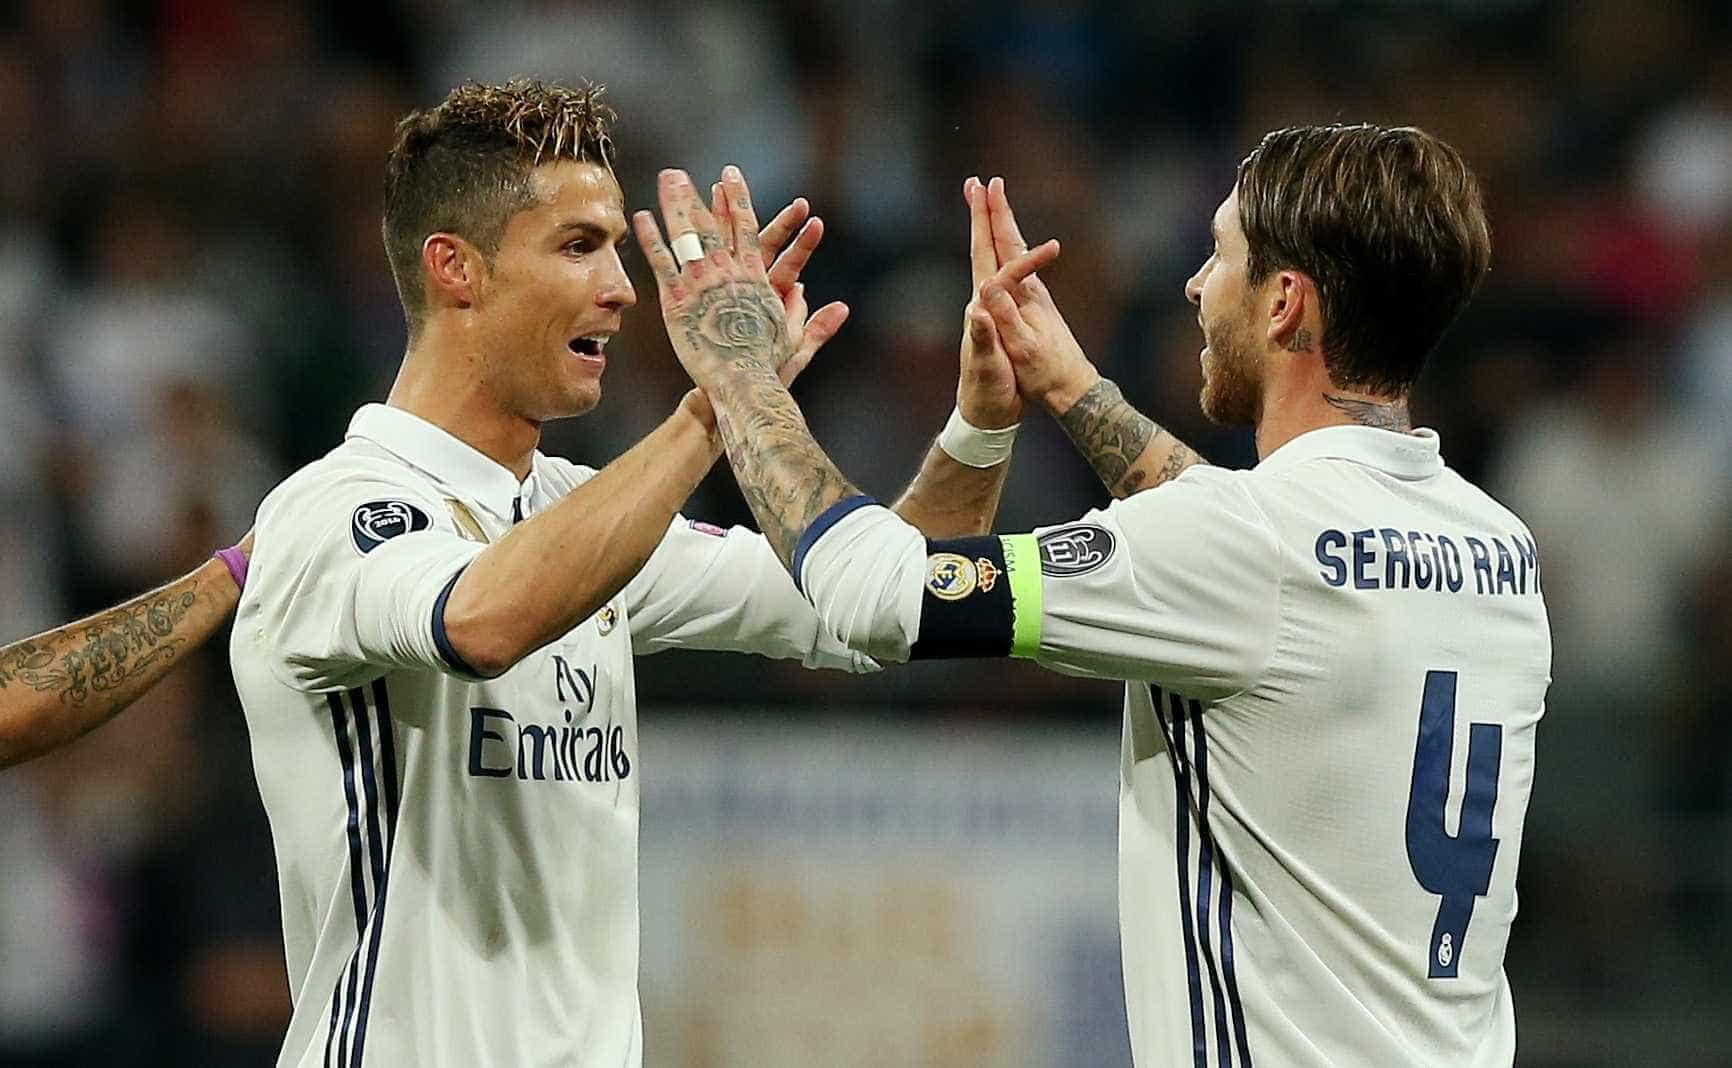 'Guerra' em Madrid pode provocar reencontro entre Ramos e CR7